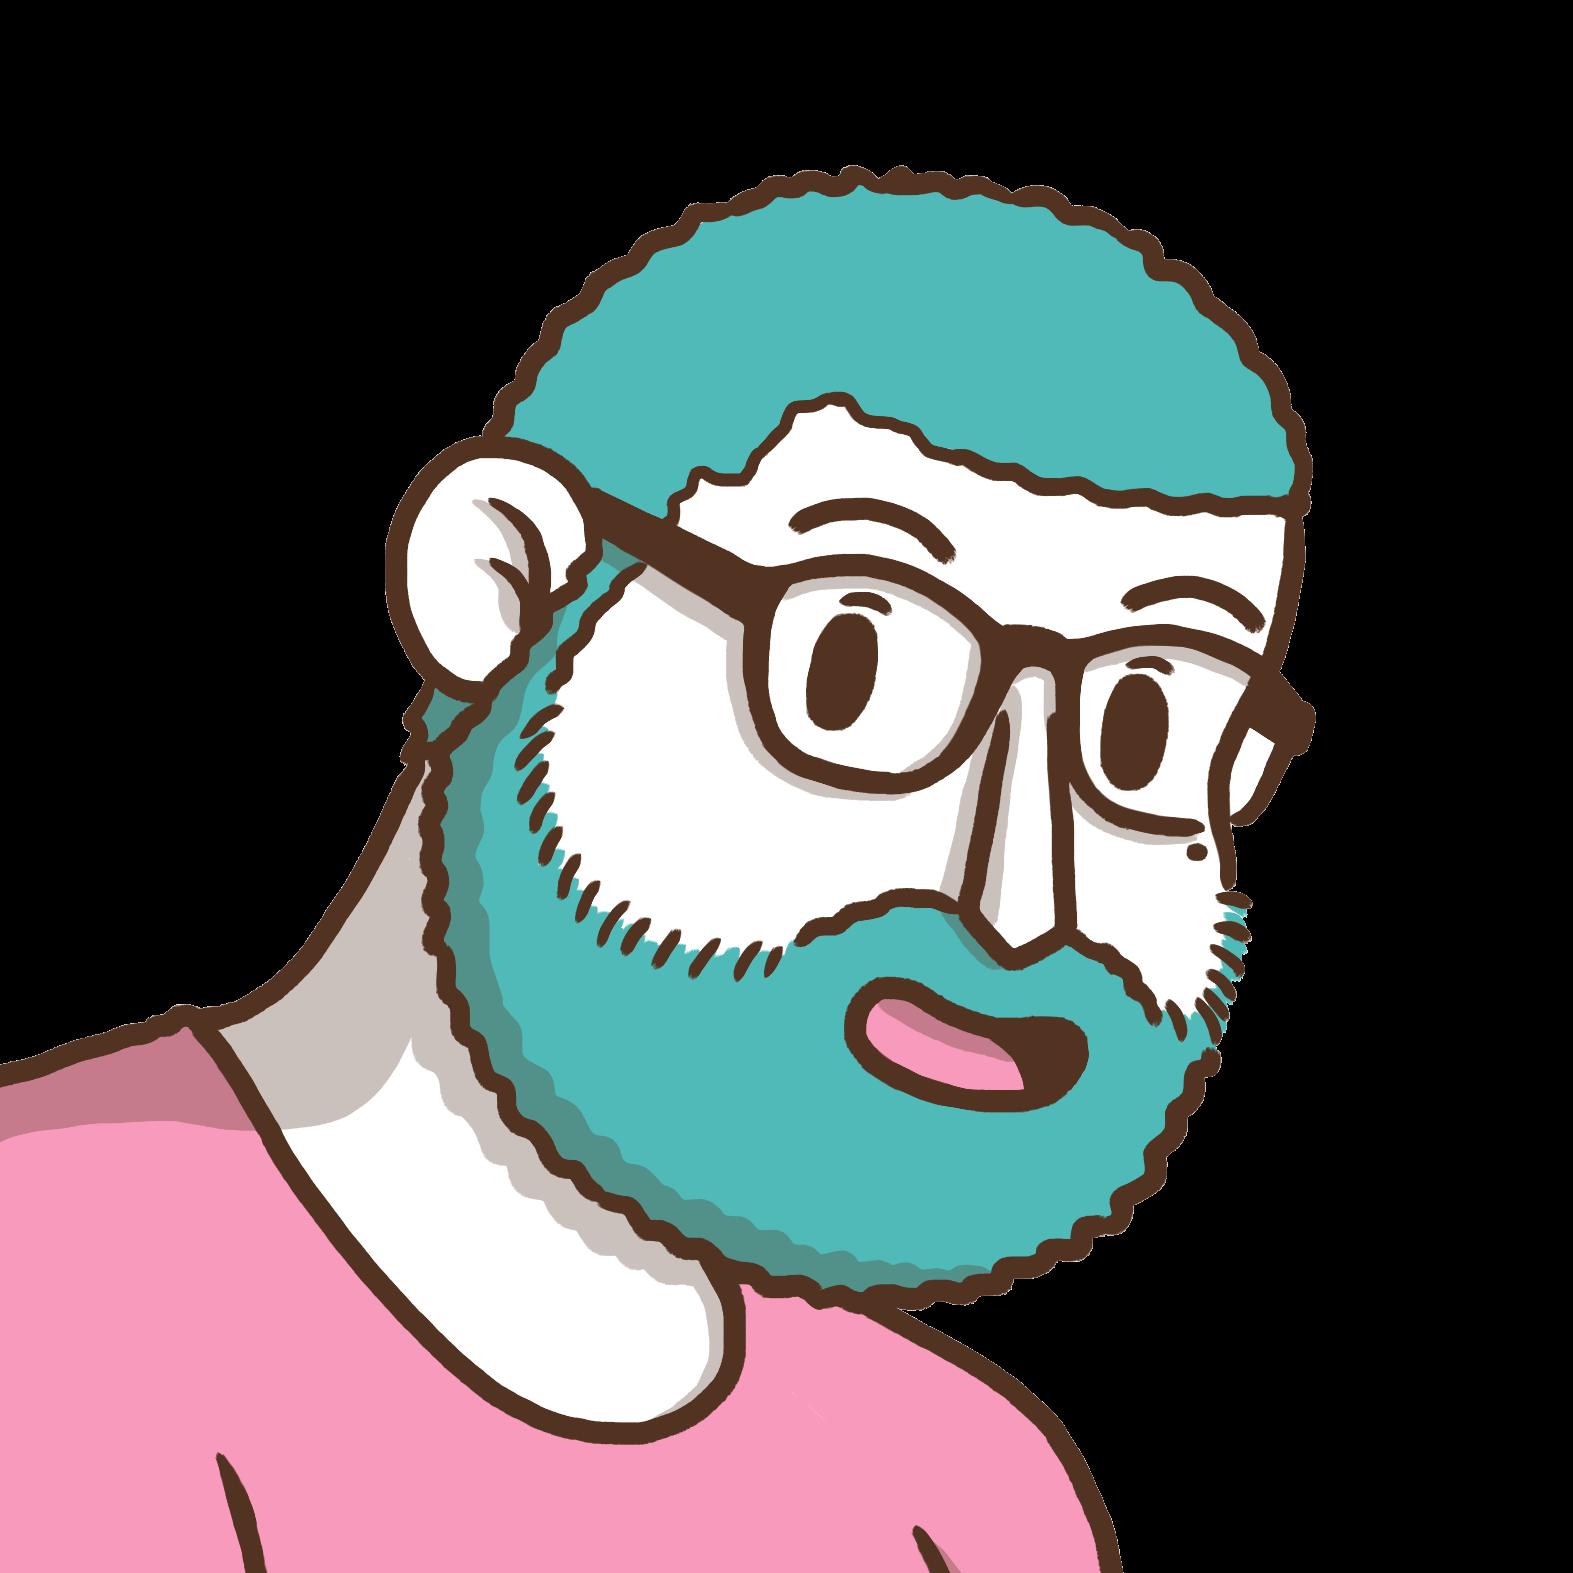 @giommarresi Profile Image | Linktree